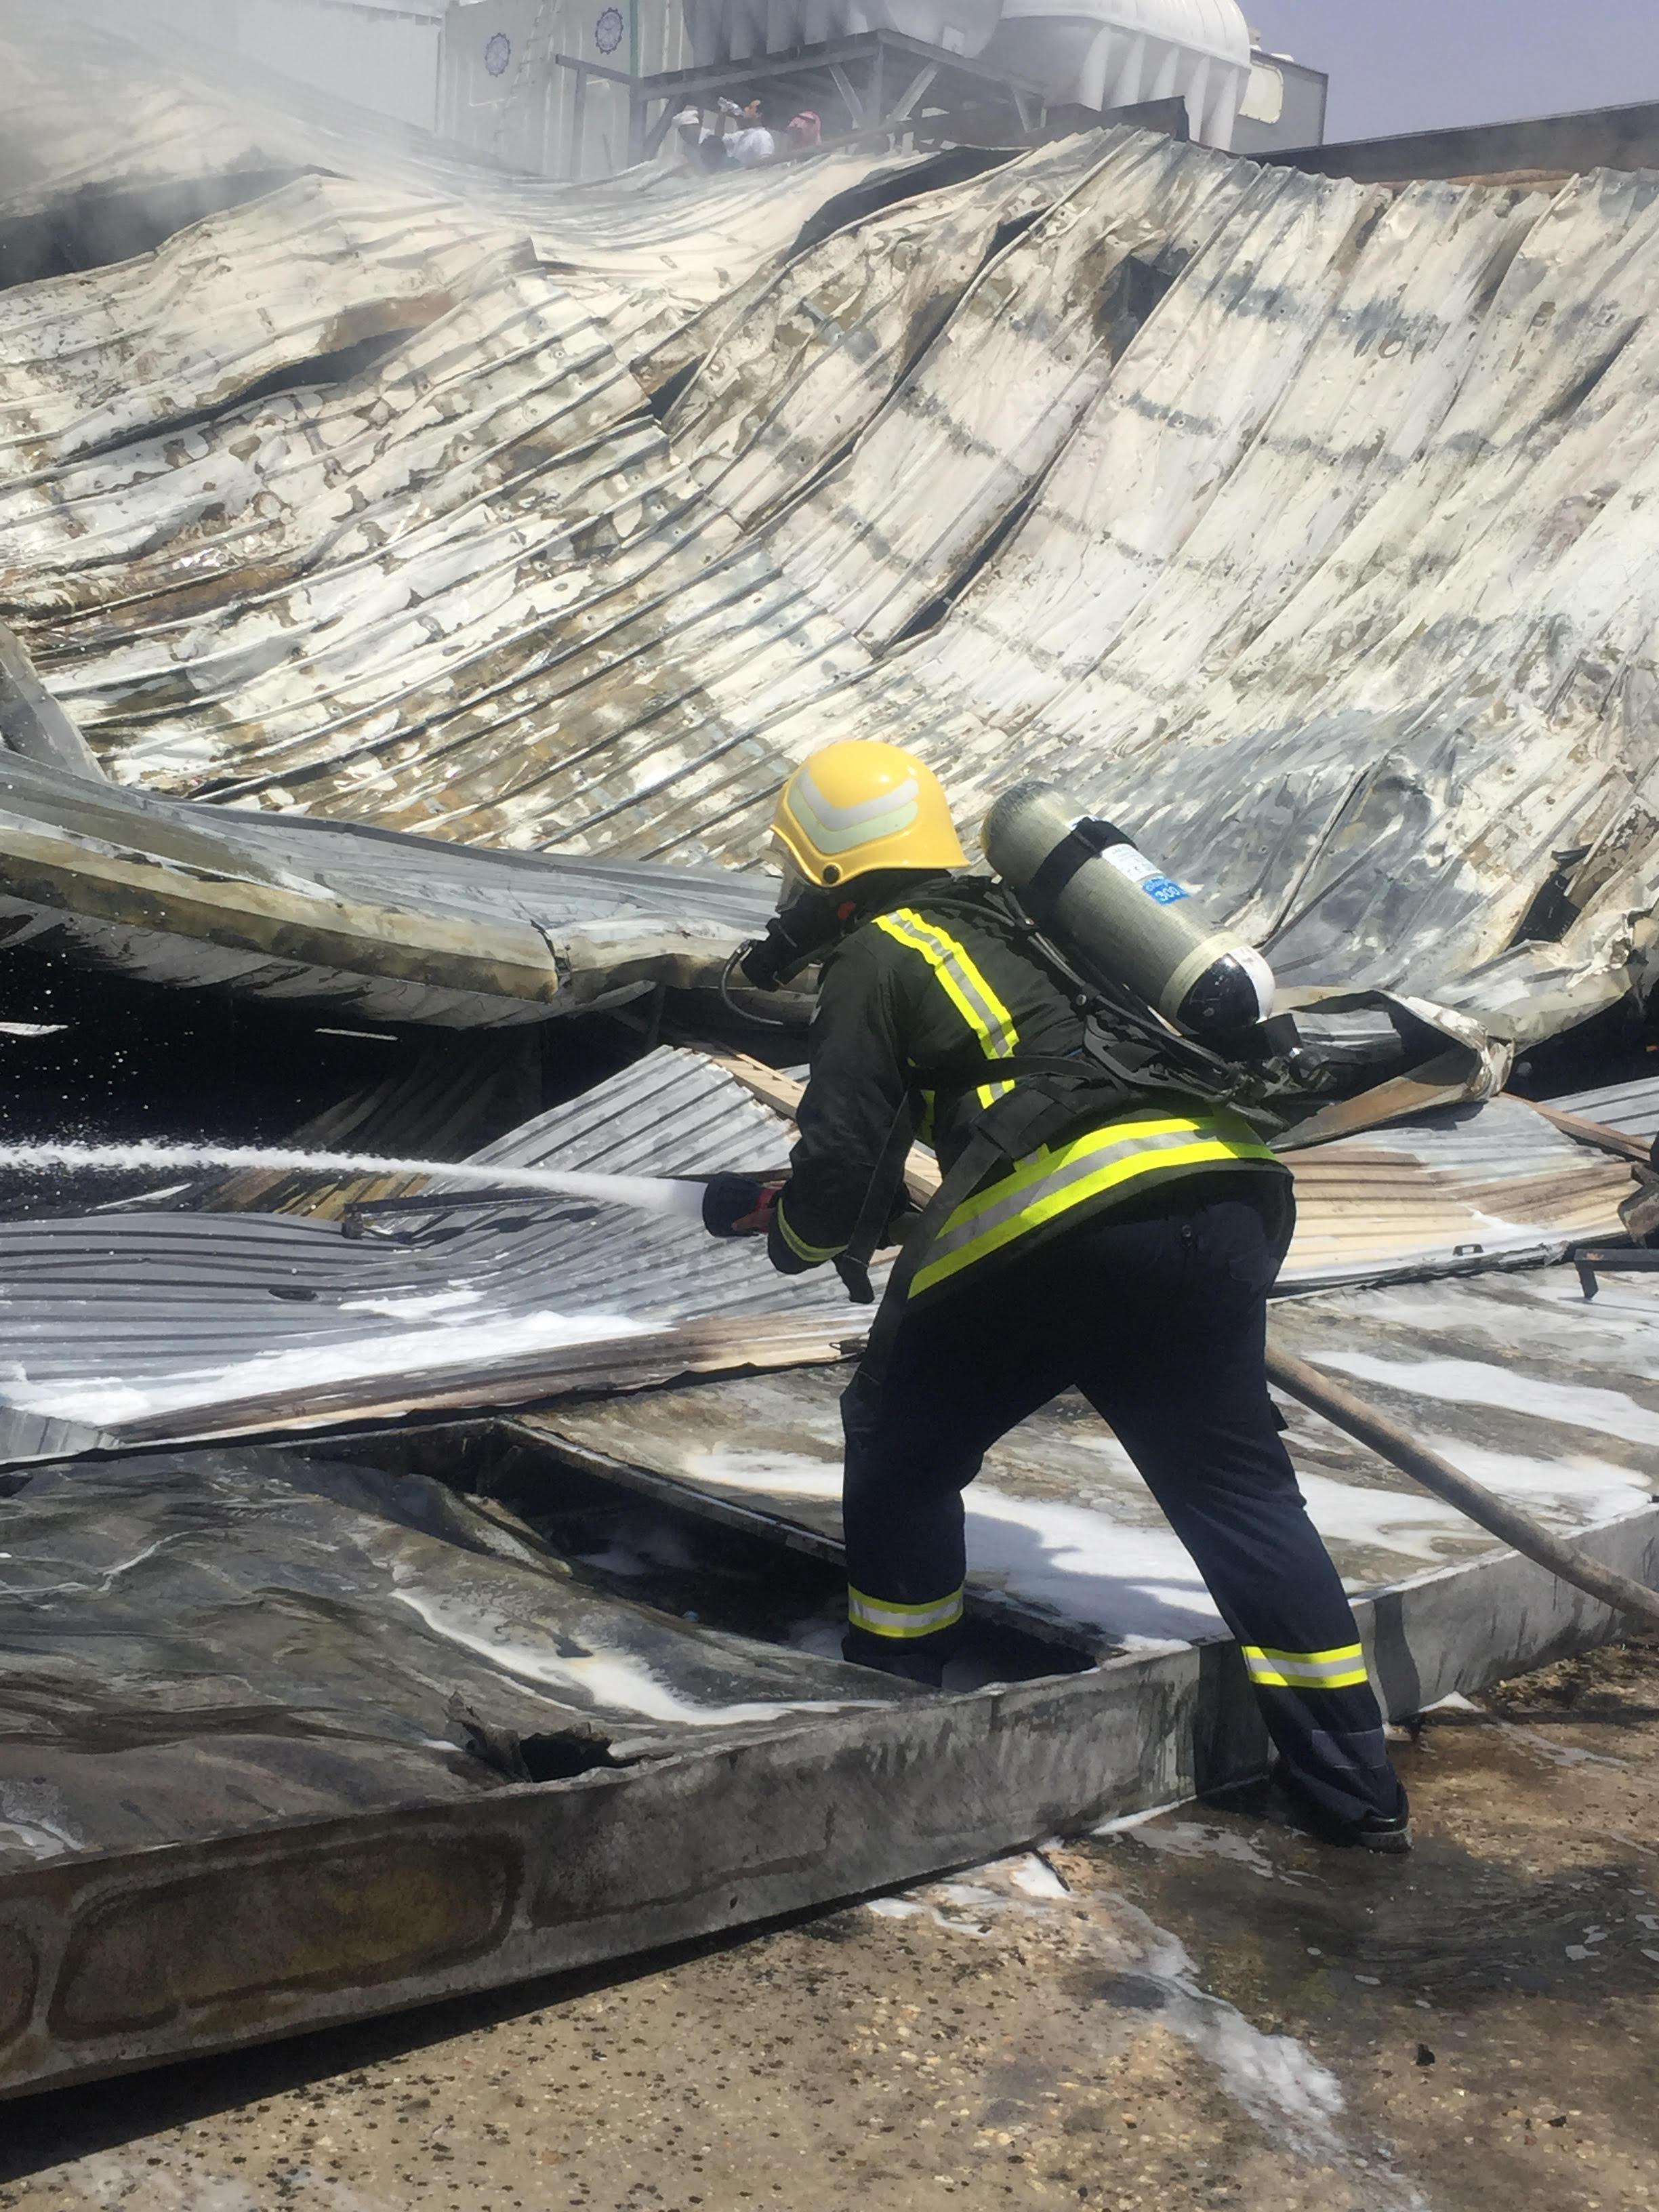 حريق بمحل بنشر برماح كاد أن يسبب كارثة (5)